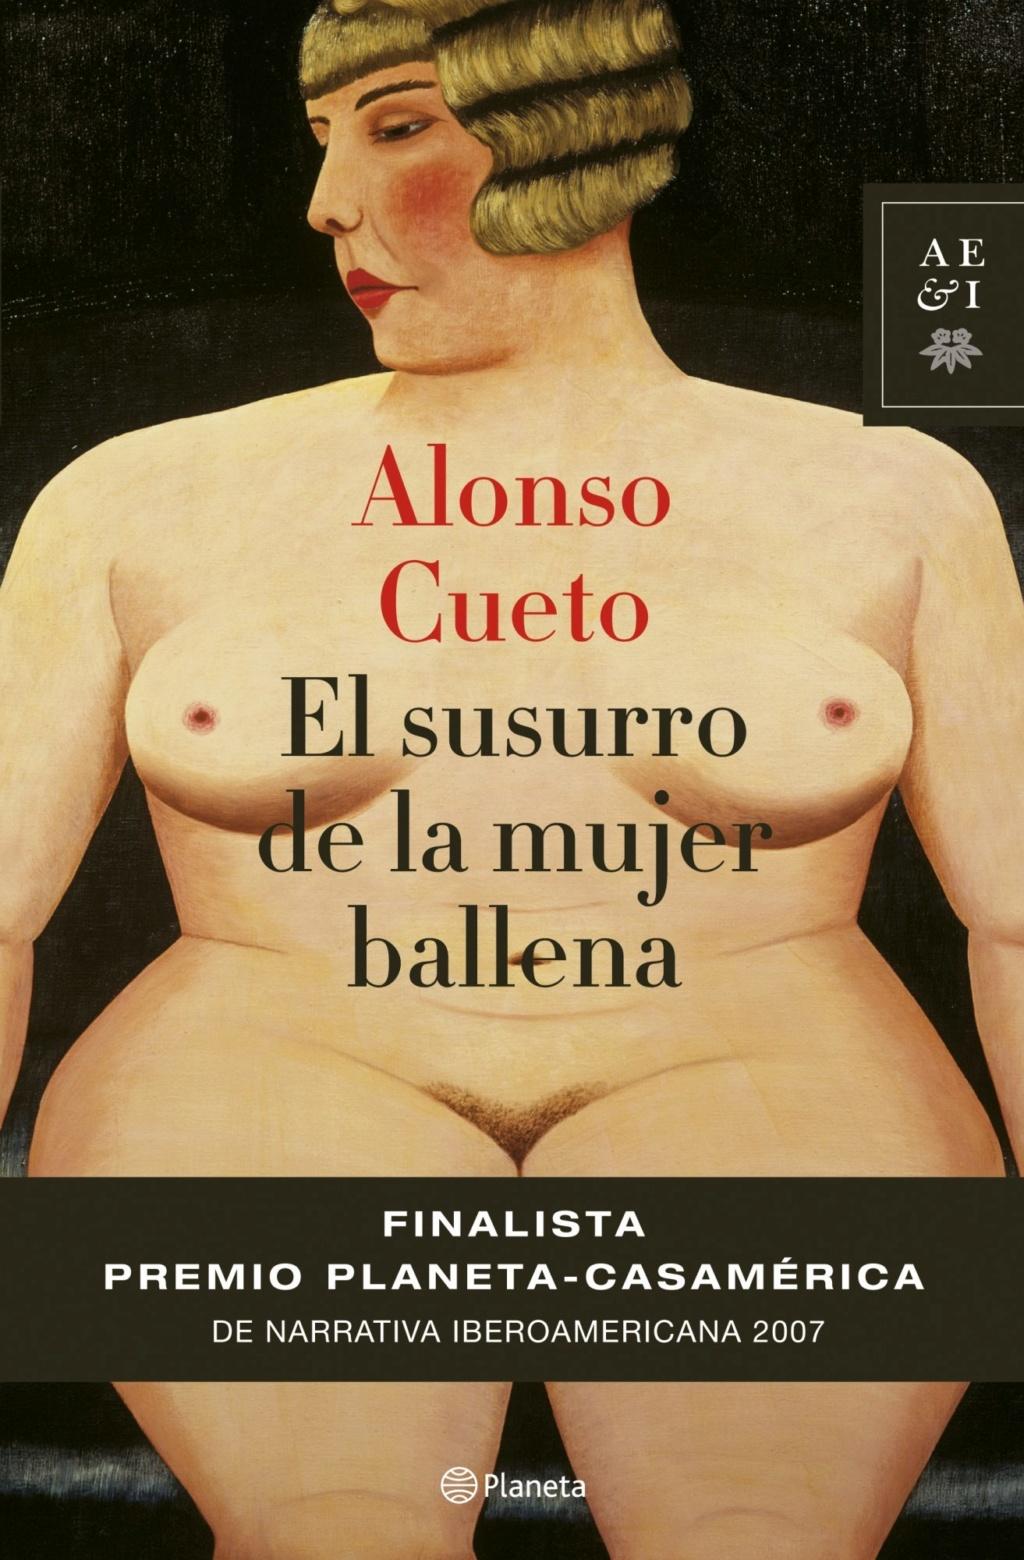 El susurro de la mujer ballena - Alonso Cueto Portad27